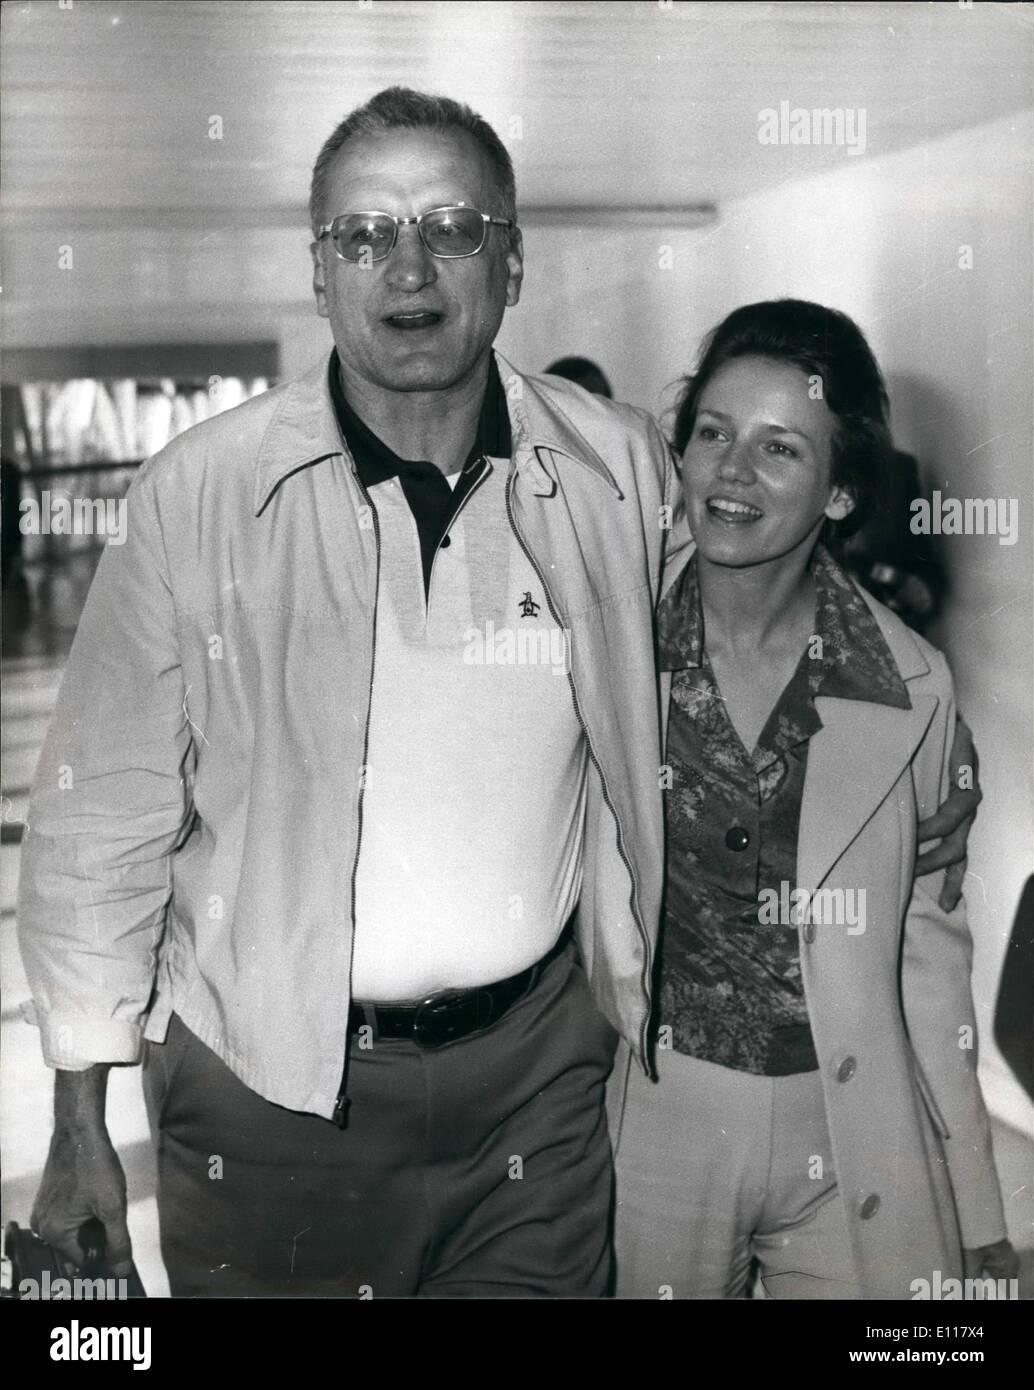 Avril 04, 1976 - La Belle et la bête arrivent de Los Angeles: Hollywood star, George C. Scott et sa femme actrice, Trish Van Dervere ont volé dans l'aéroport de Heathrow, aujourd'hui à partir de Los Angeles et a révélé qu'ils sont d'étoiles ensemble dans un film d'être fabriqués en Angleterre., fondée sur l'ancien conte de fées. La belle et la Bête, légèrement modifiée afin qu'elle soit une histoire d'amour. a déclaré M. Scott: ''naturellement, je suis la bête et ma femme la Beauté''. Ils en sont à leur première visite à Londres pendant cinq ans. Photo montre George C. Scott et sa femme Trish à leur arrivée à l'aéroport d'Heathrow d'aujourd'hui. Photo Stock